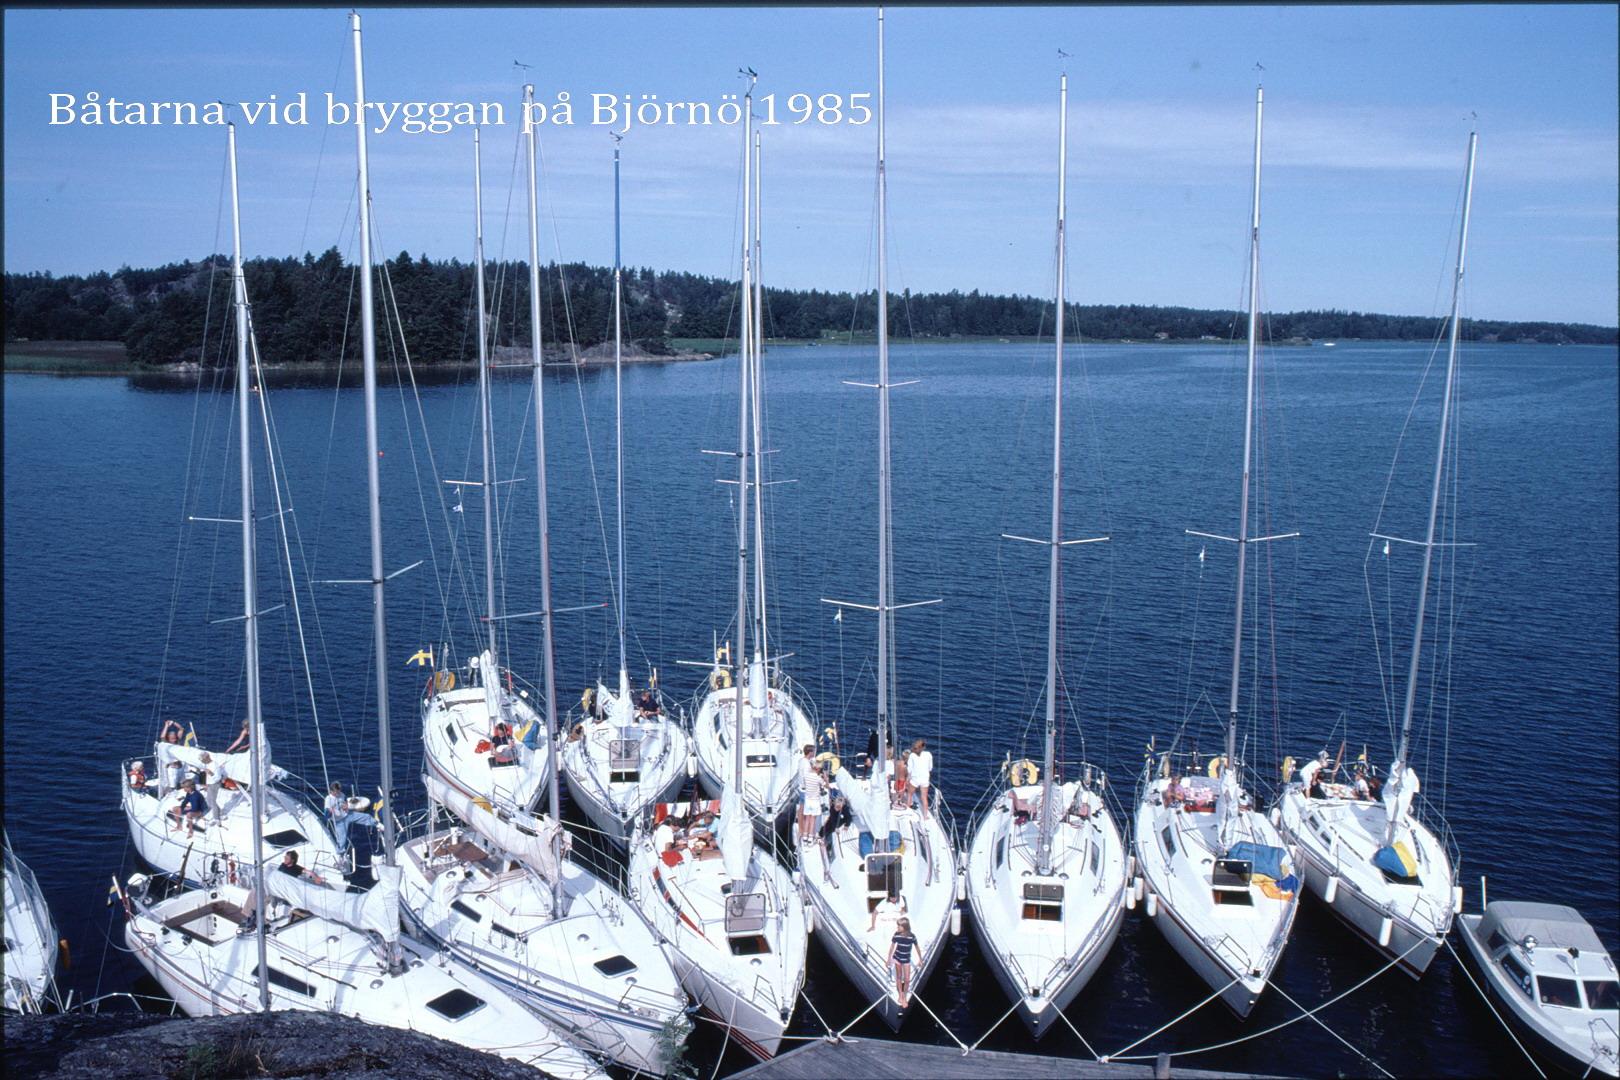 85-131 Båtarna vid bryggan på Björnö